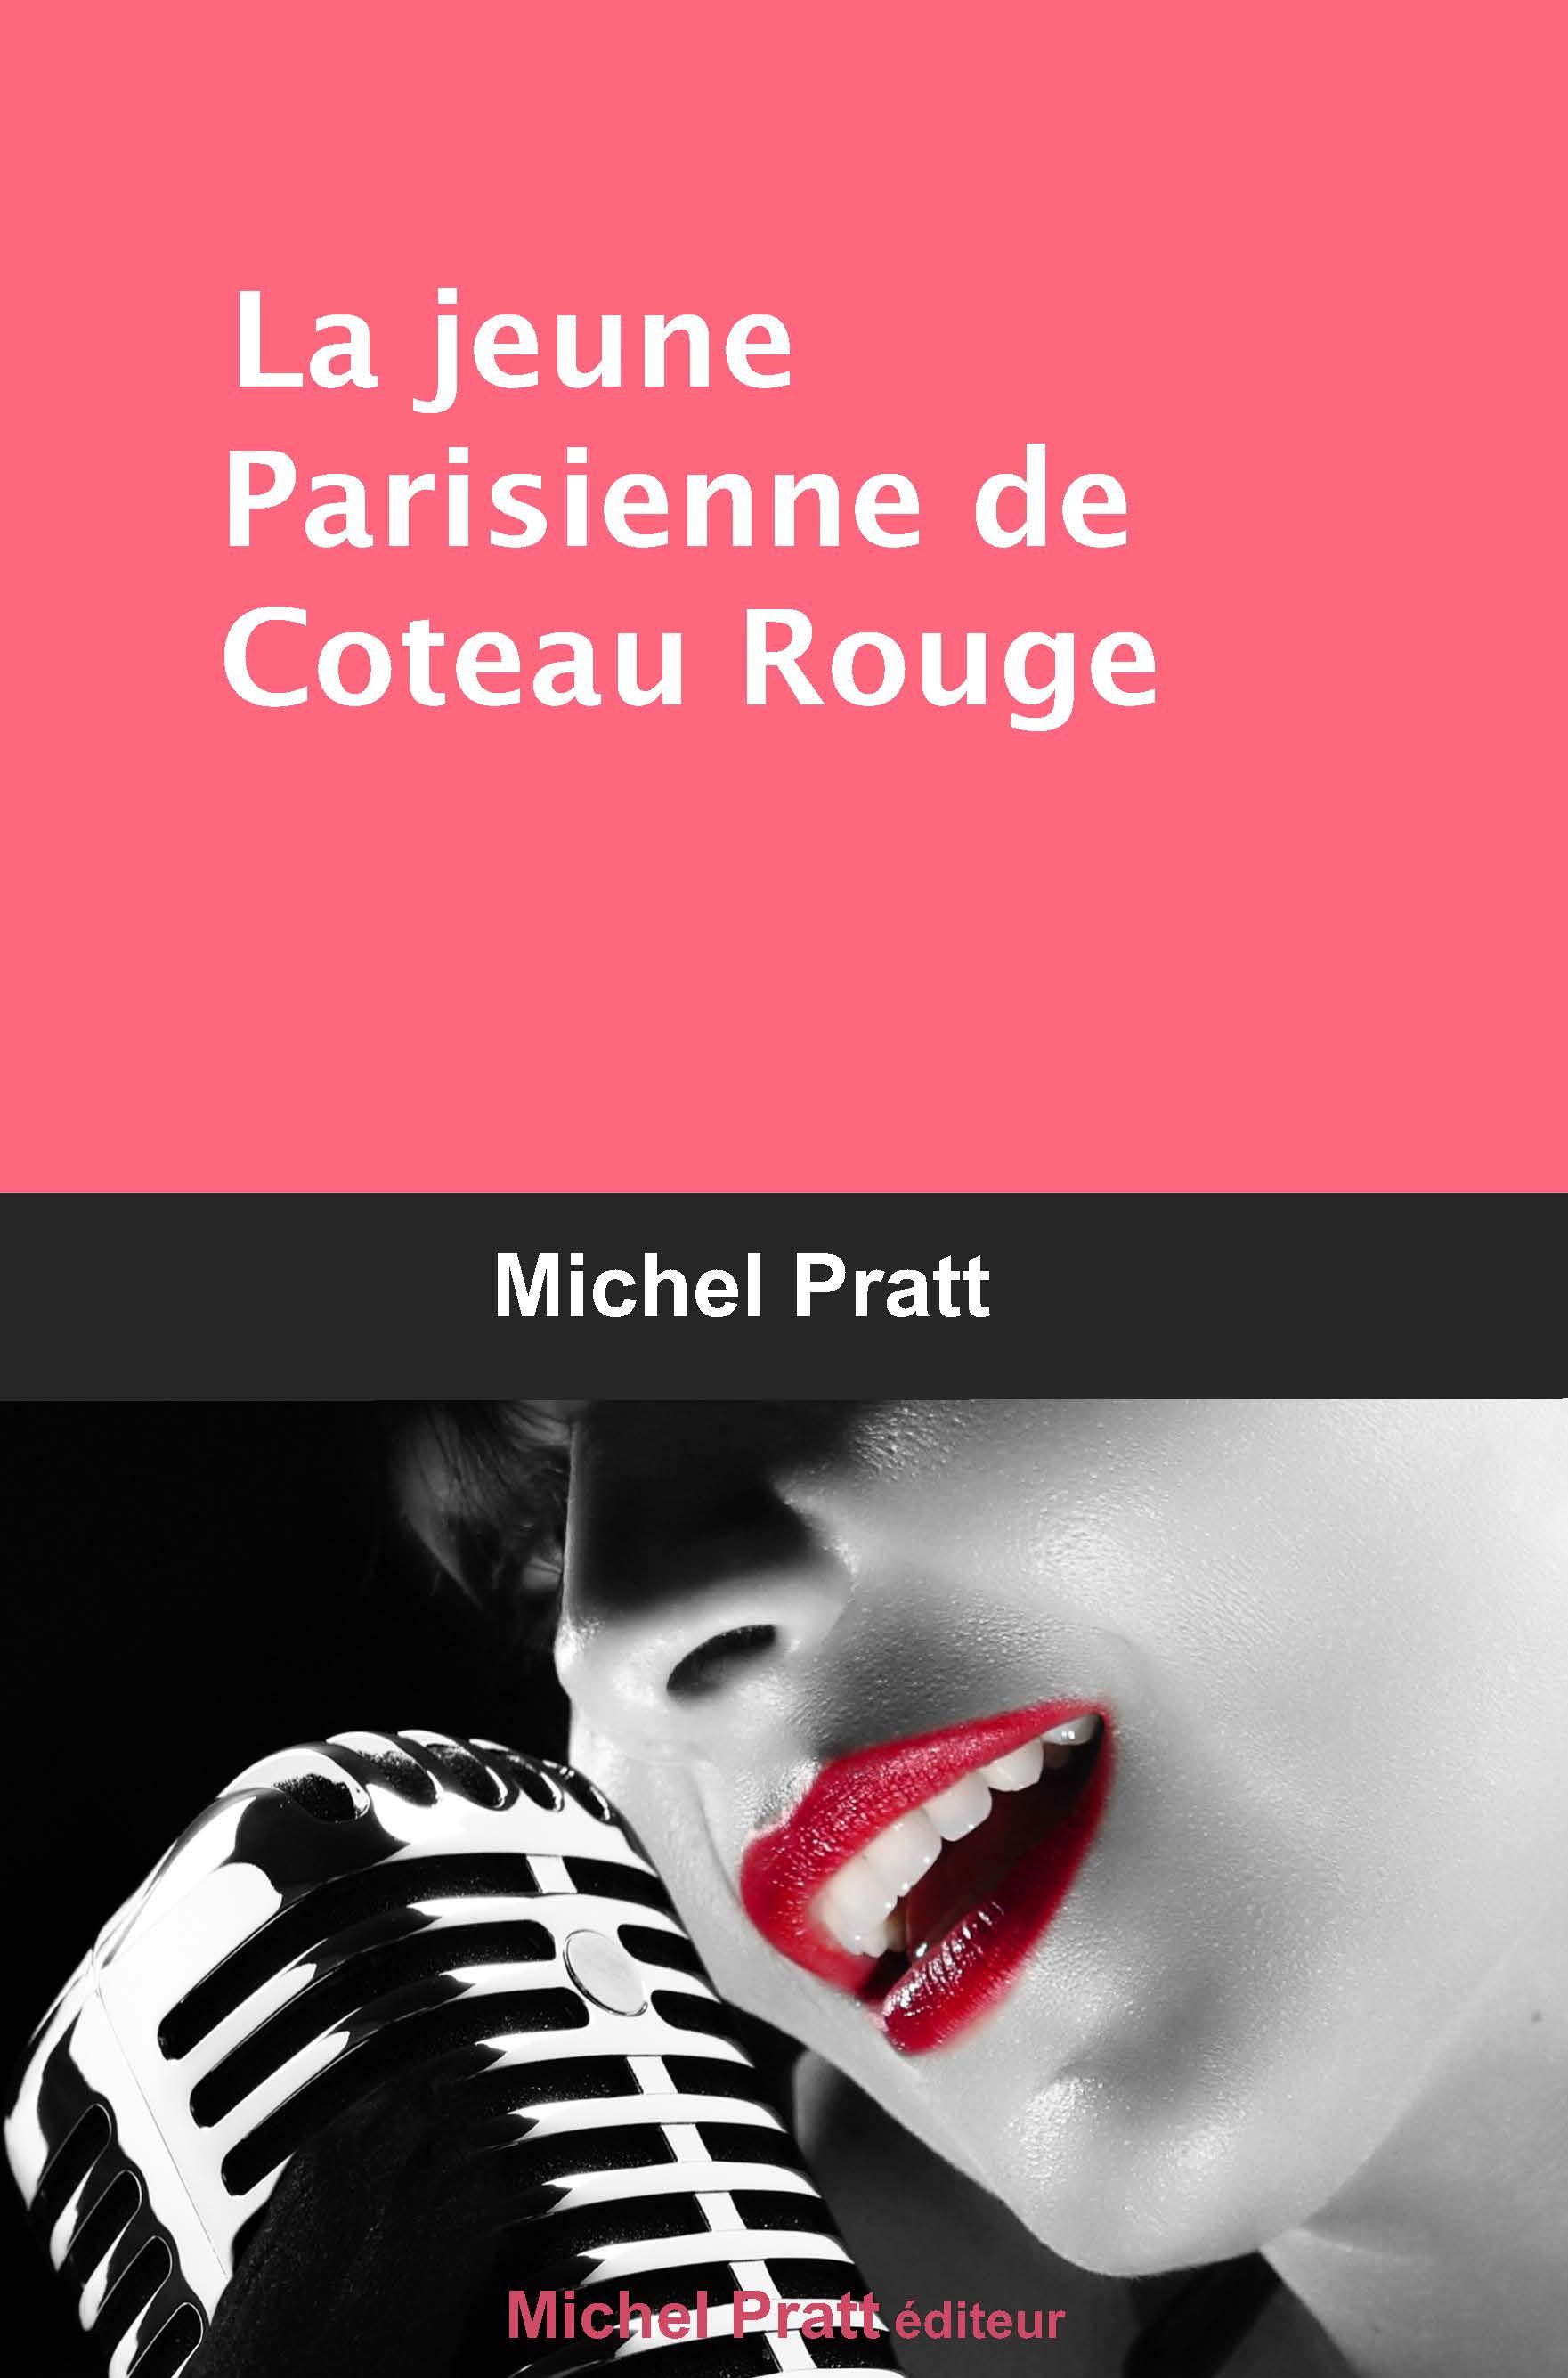 -Pratt, Michel